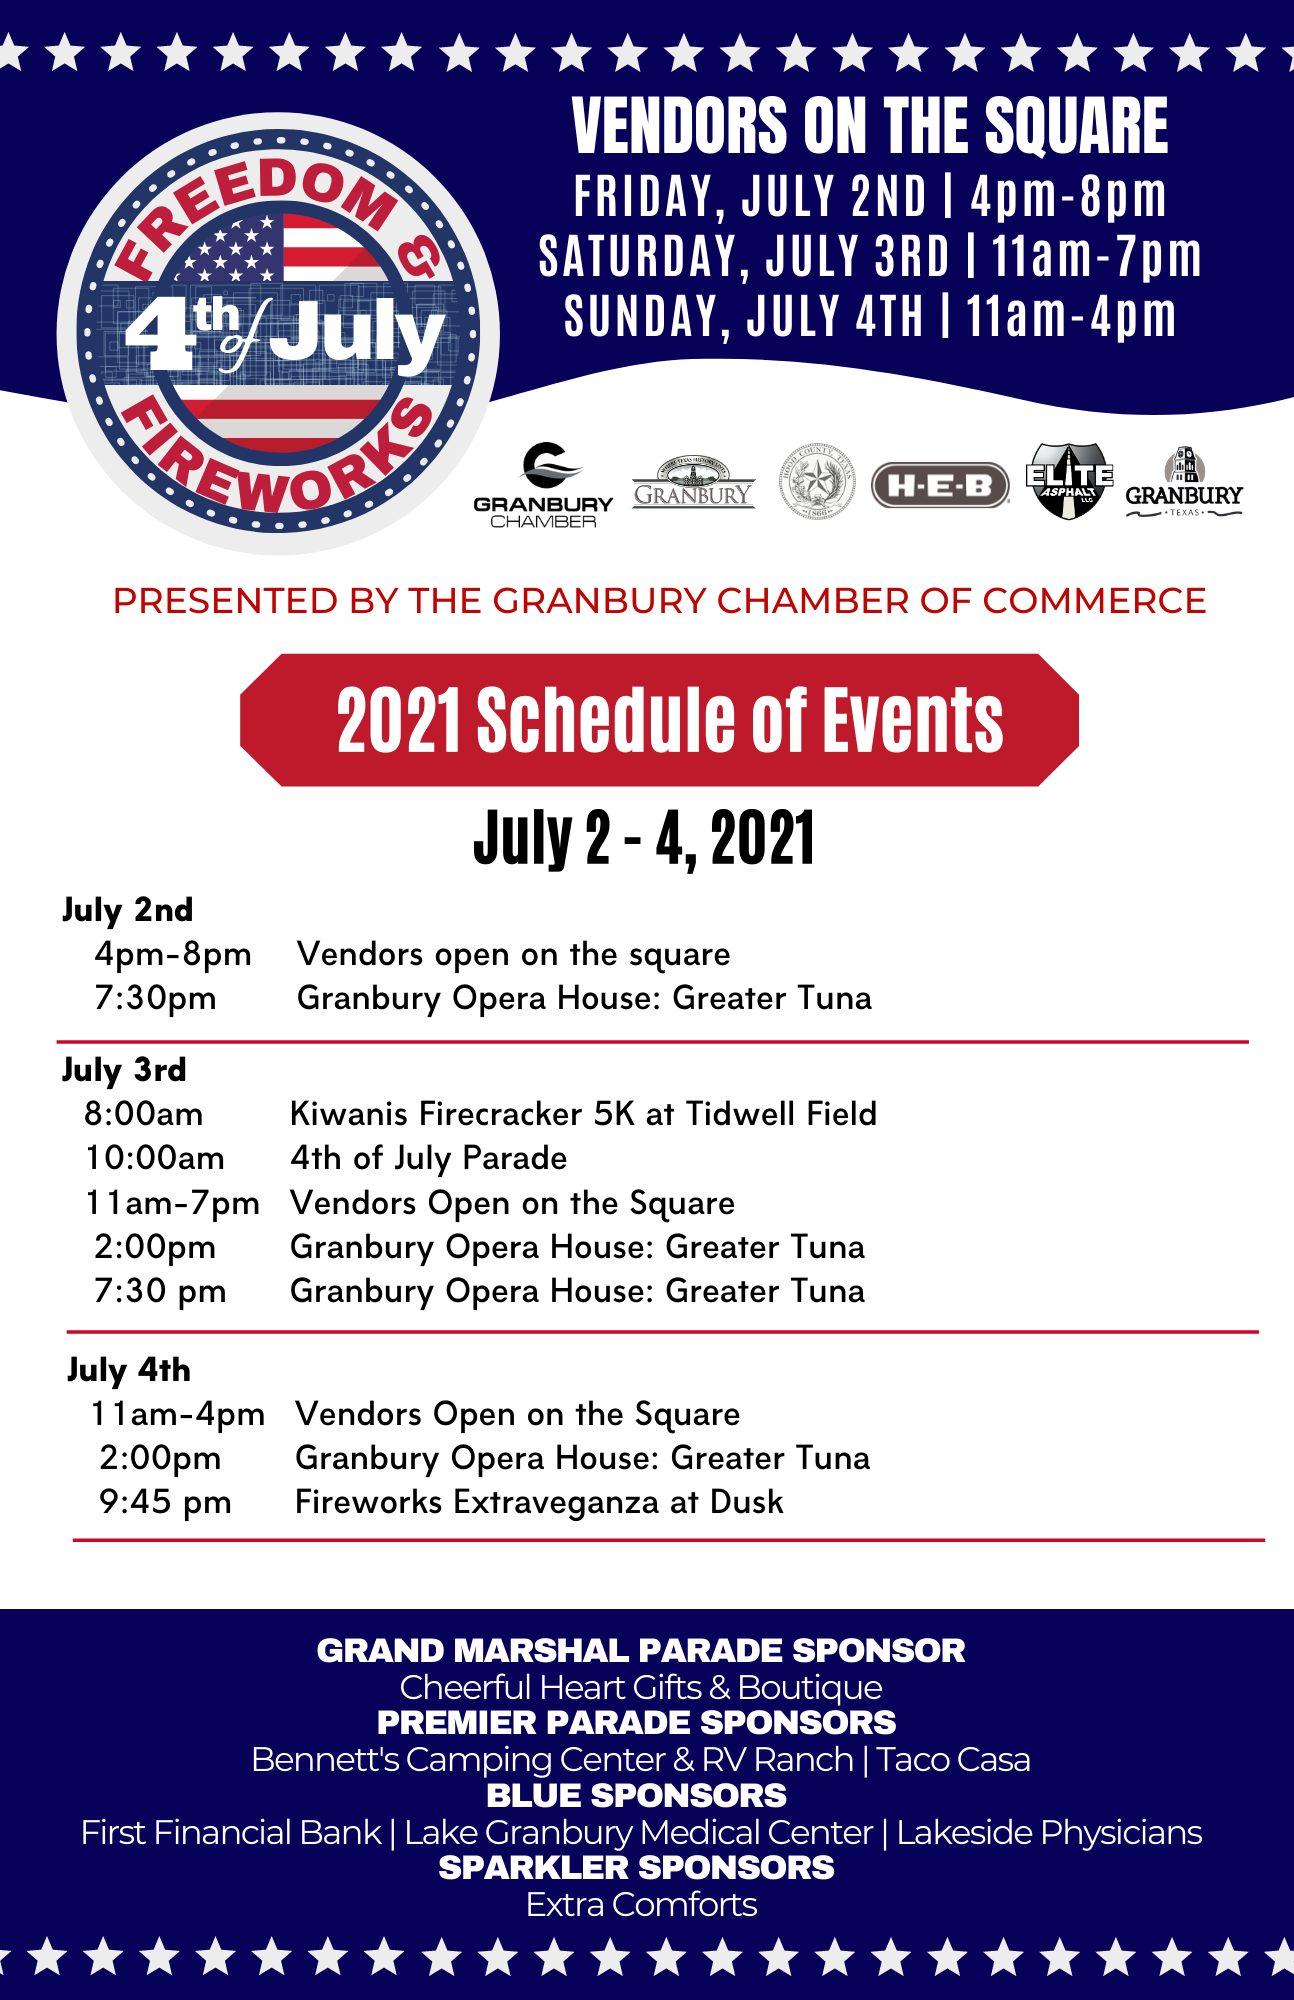 July 4th 2020 Schedule Half Sheet (1)